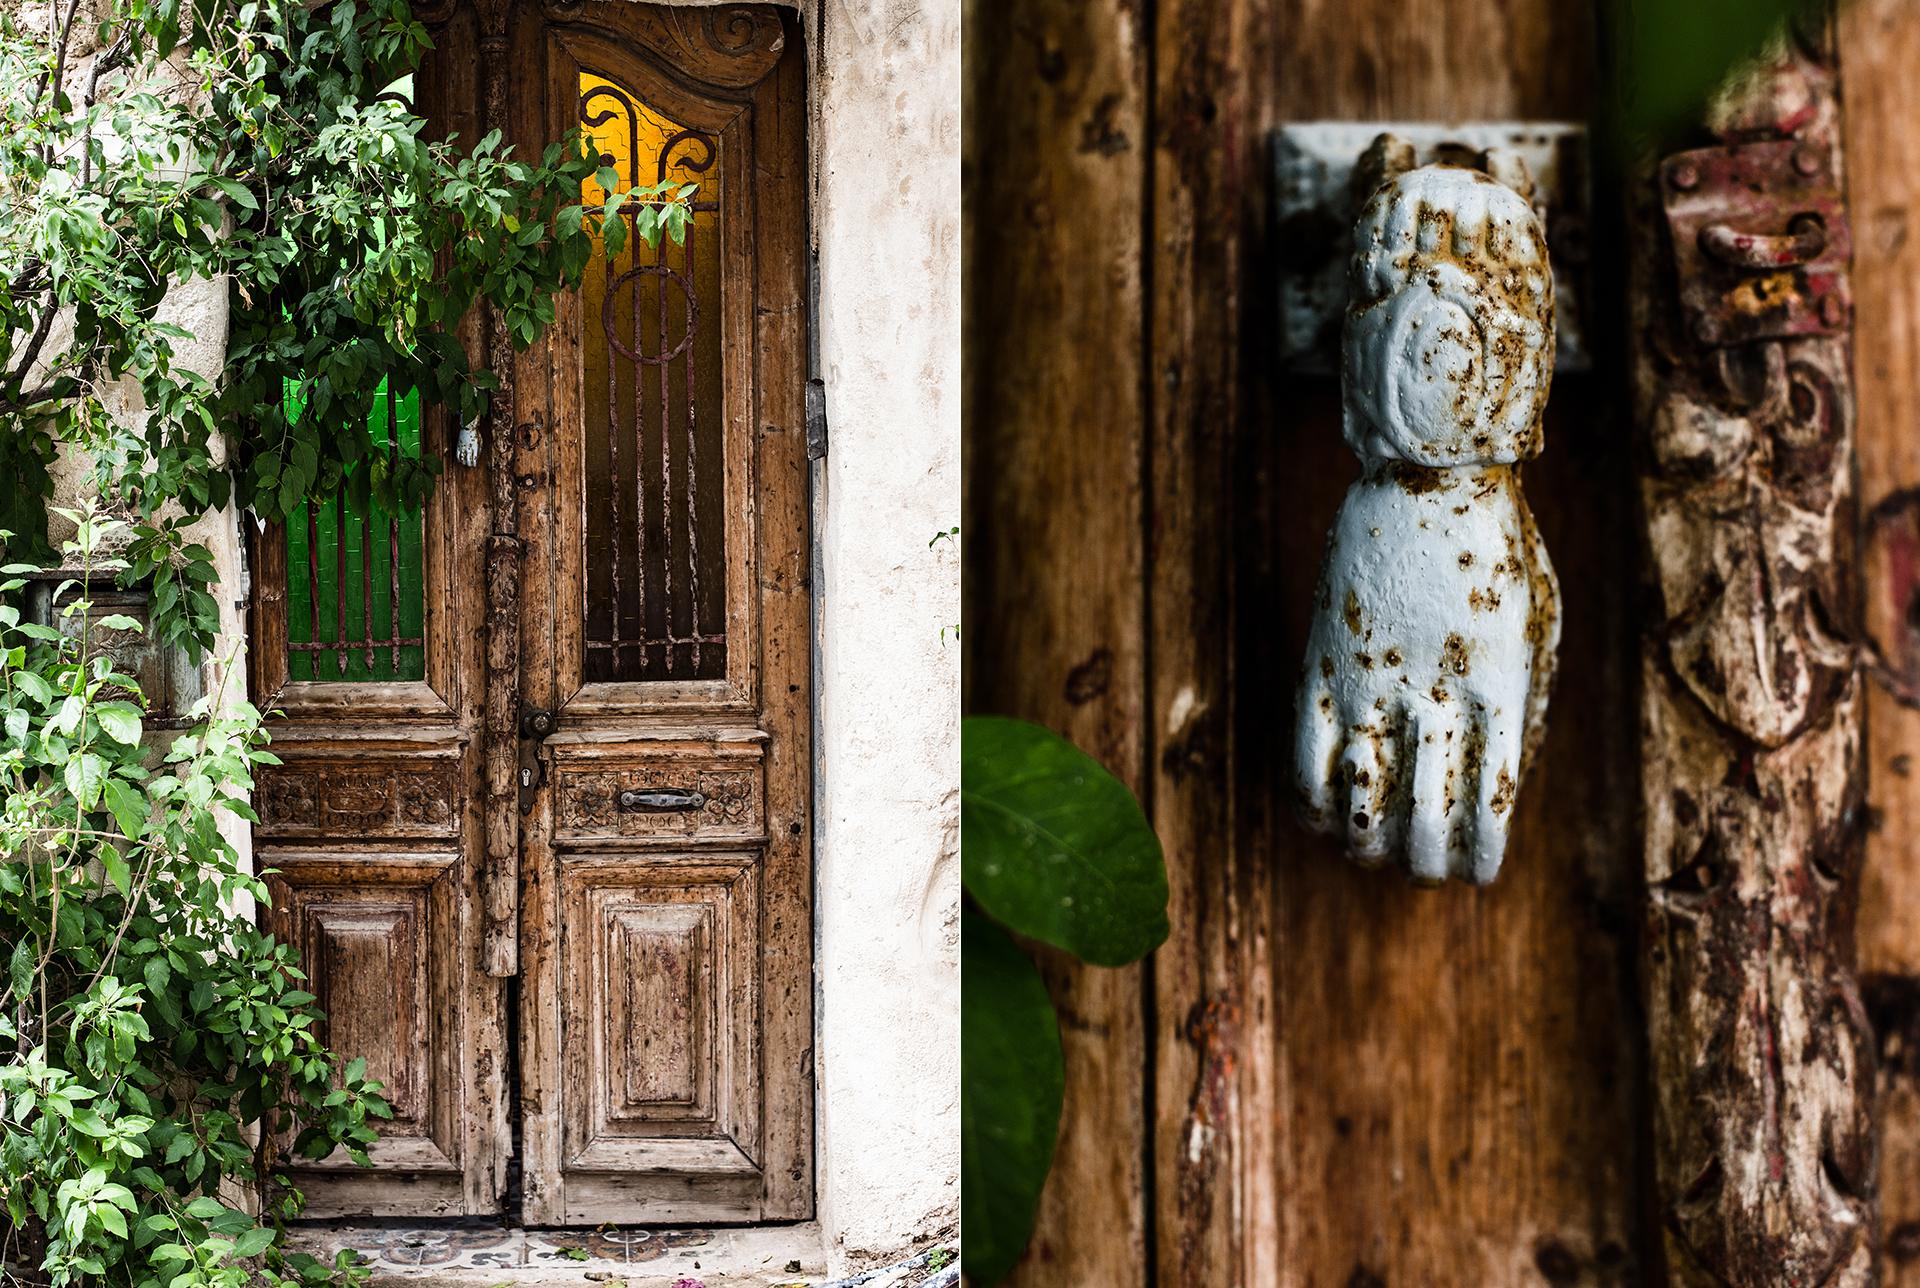 alte Haustuer und verwitterter Tuerknopf in einer Gasse in TelAviv